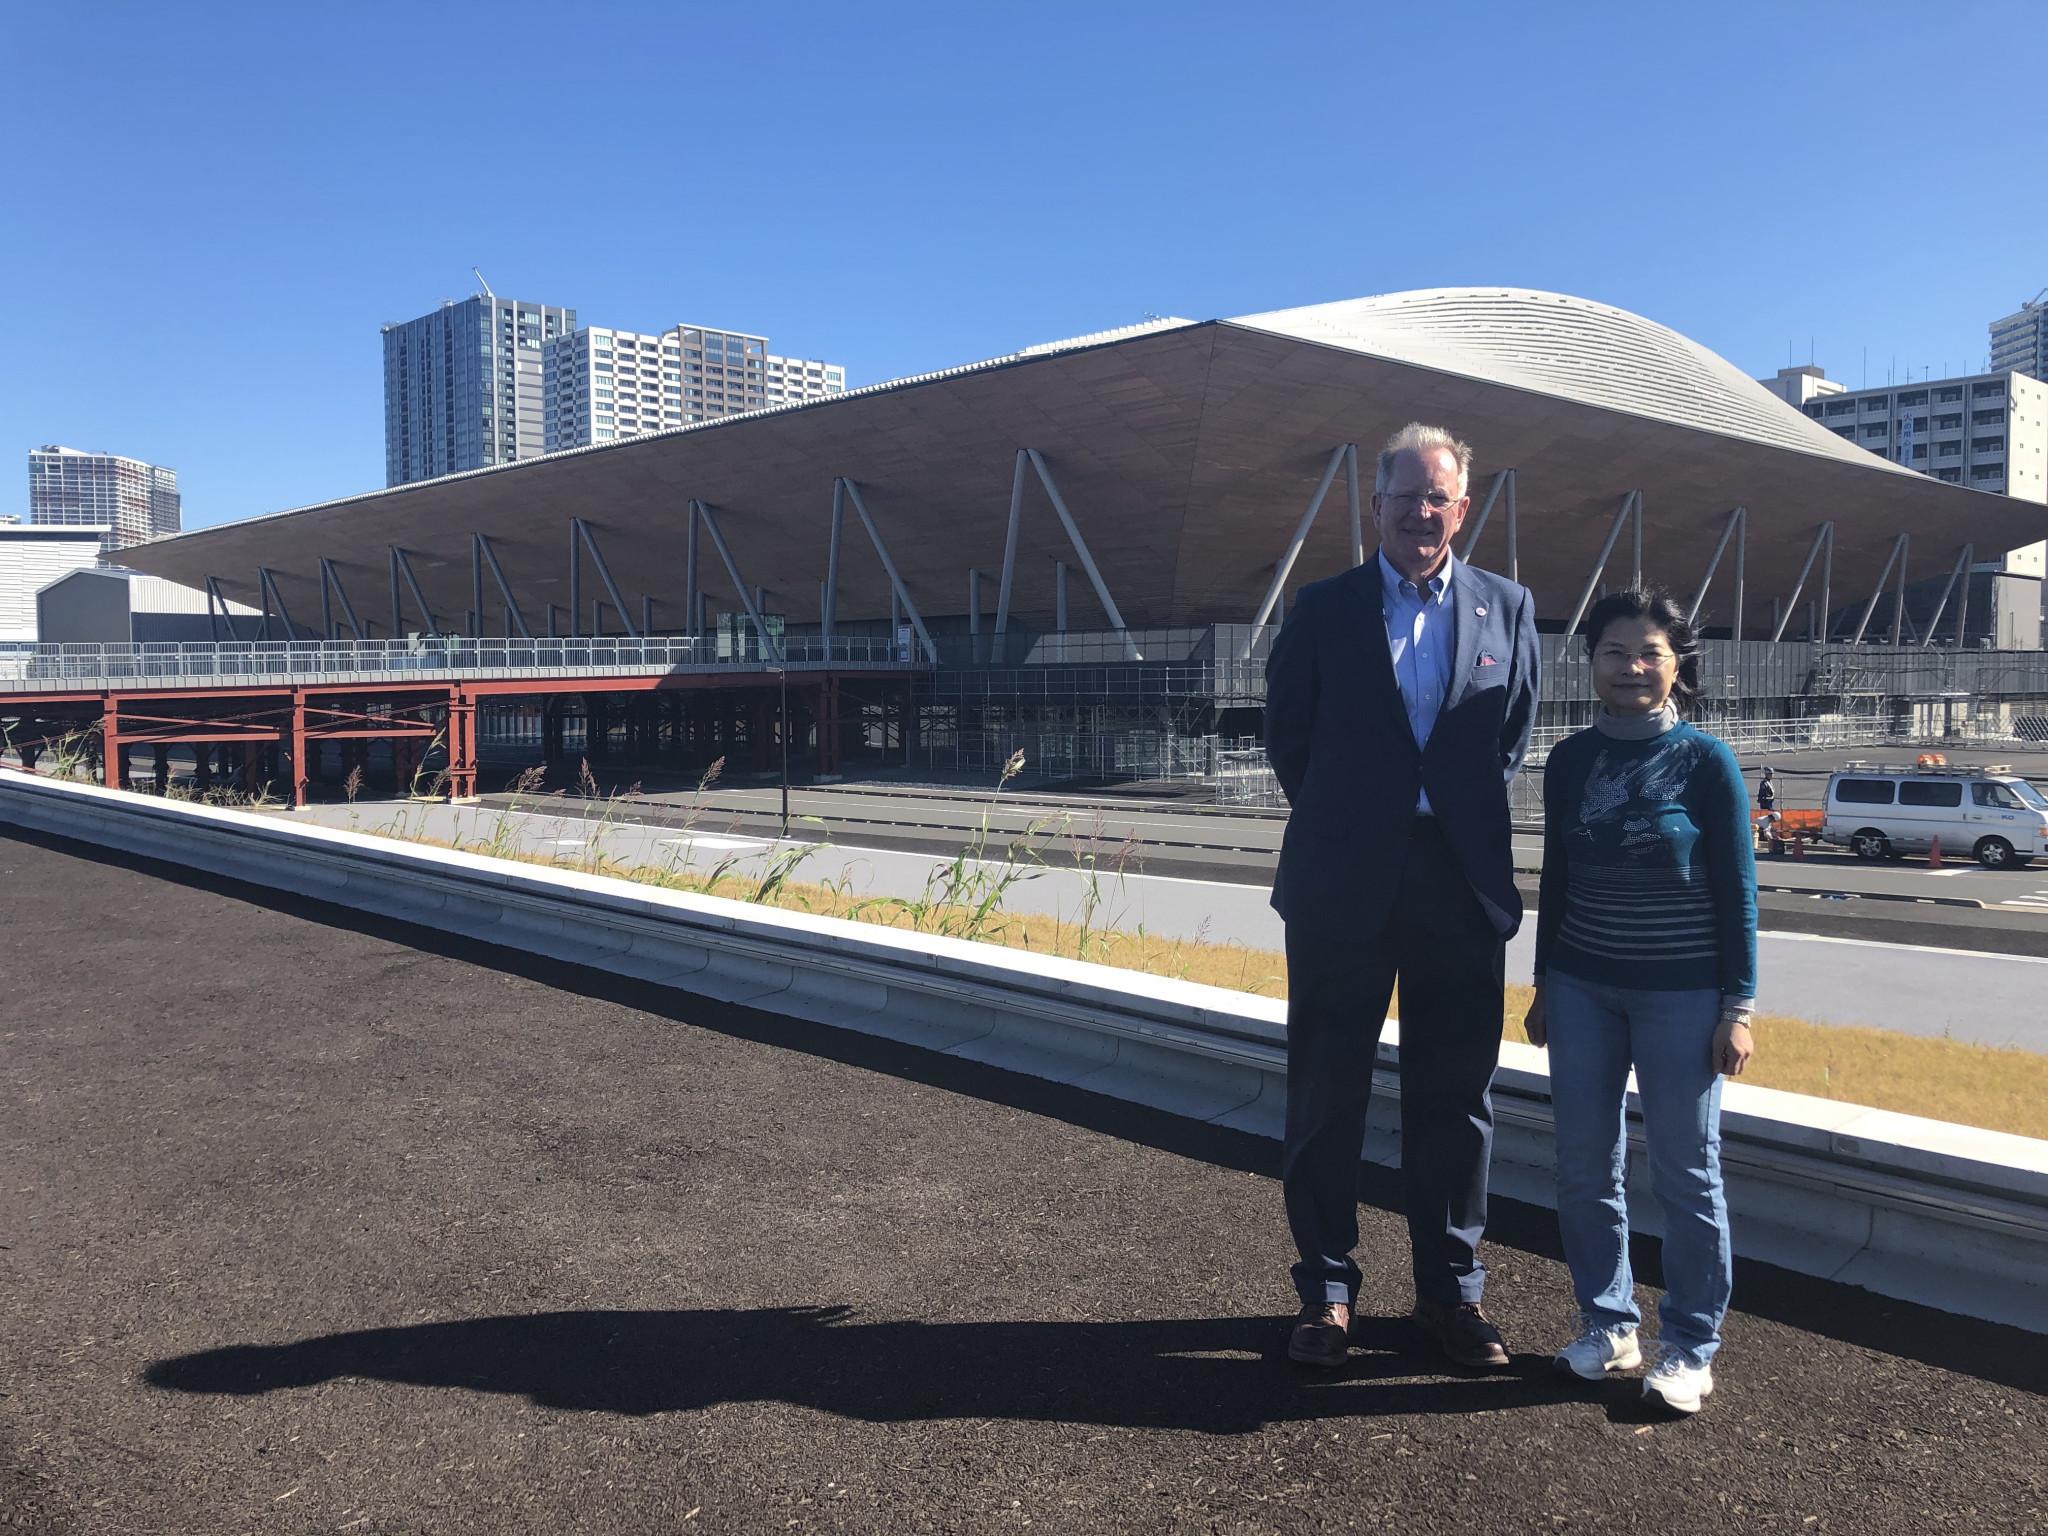 Tokyo 2020 boccia venue praised by BISFed